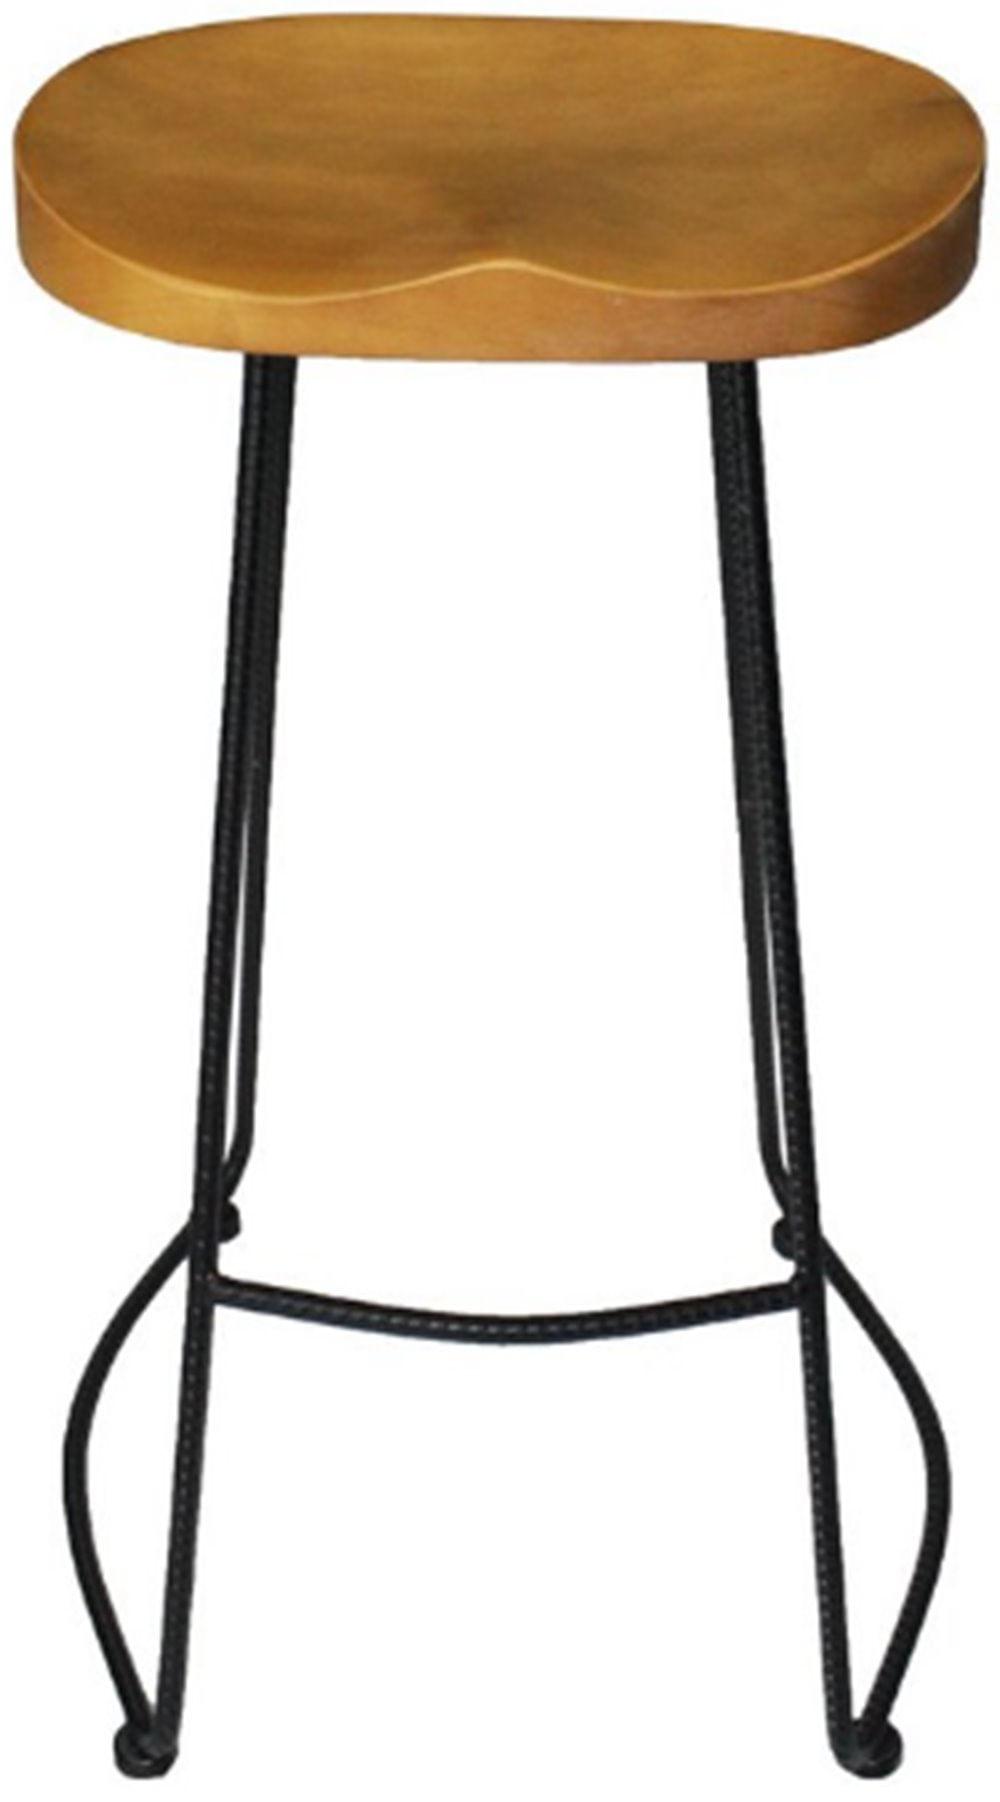 Banqueta Tamboa Preta 76 cm (ALT) - 47139